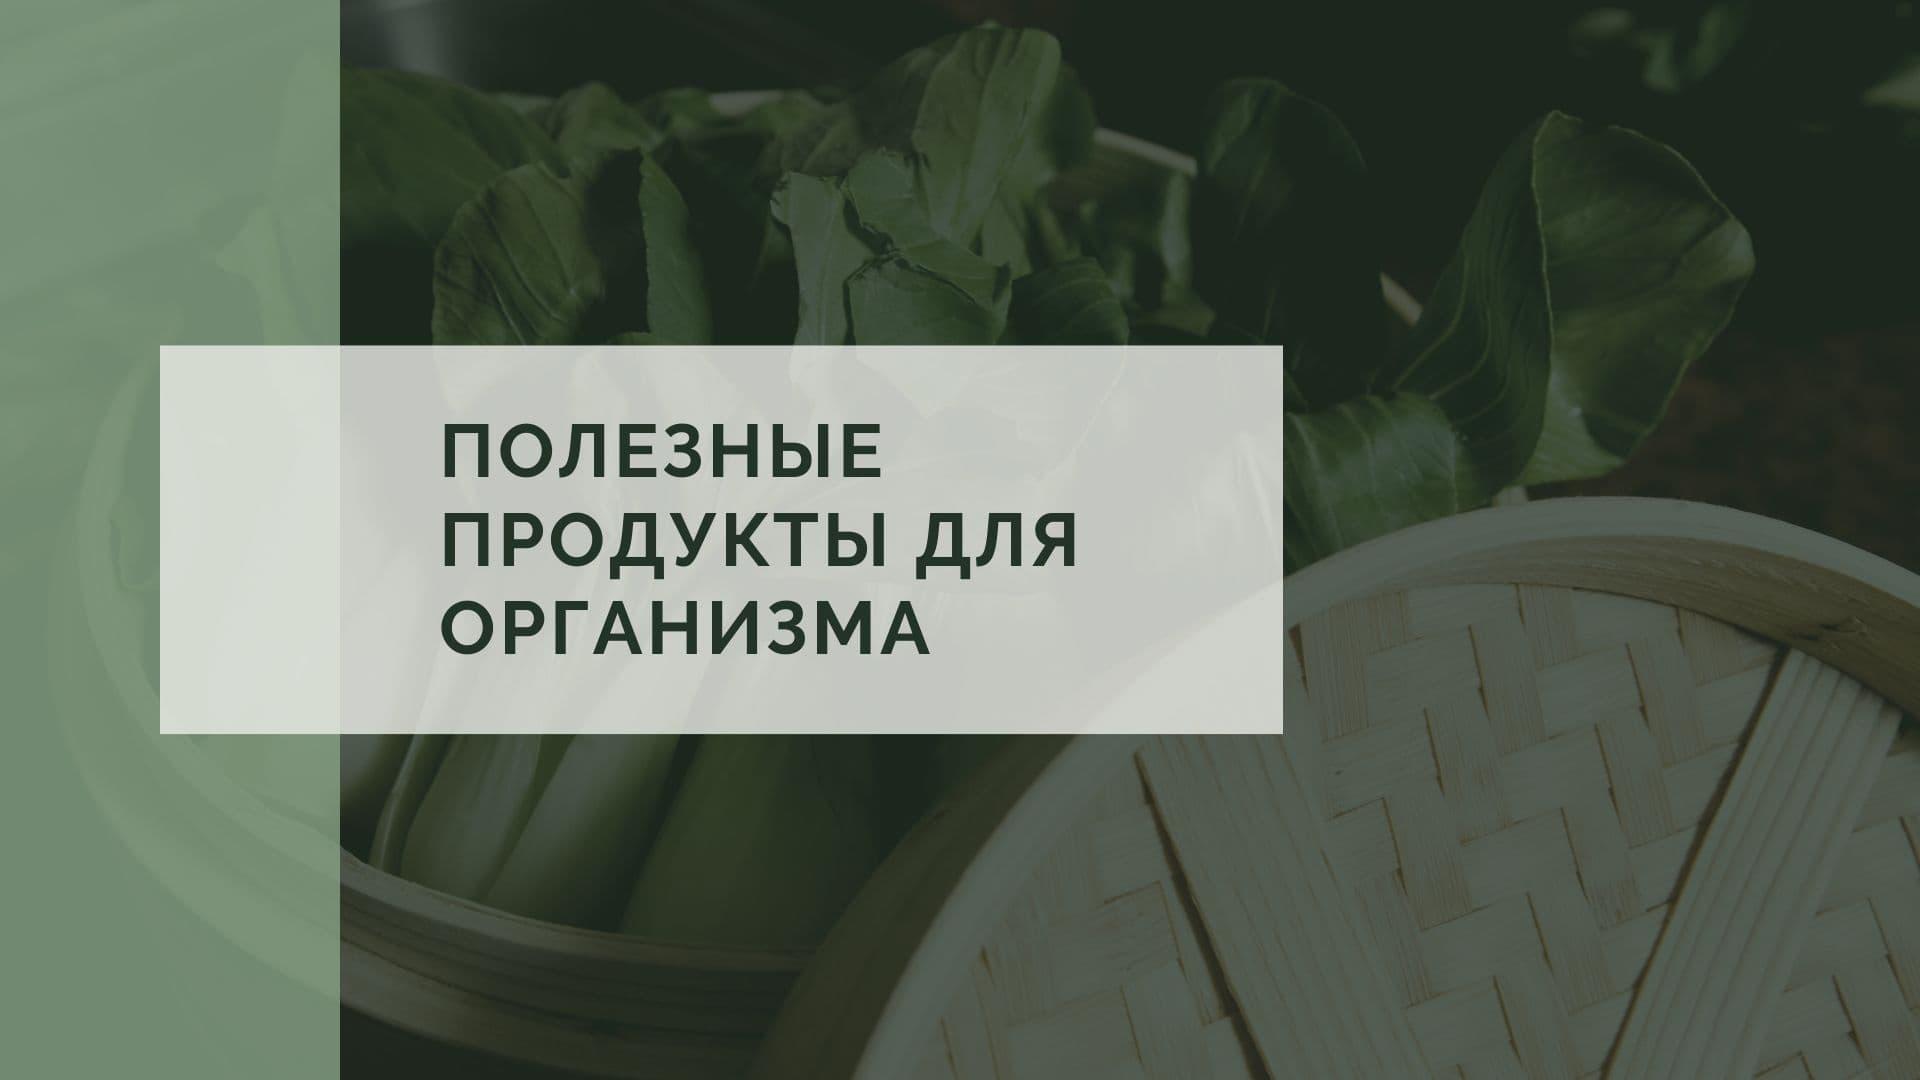 Полезные продукты для организма: мясо, фрукты, овощи и злаки